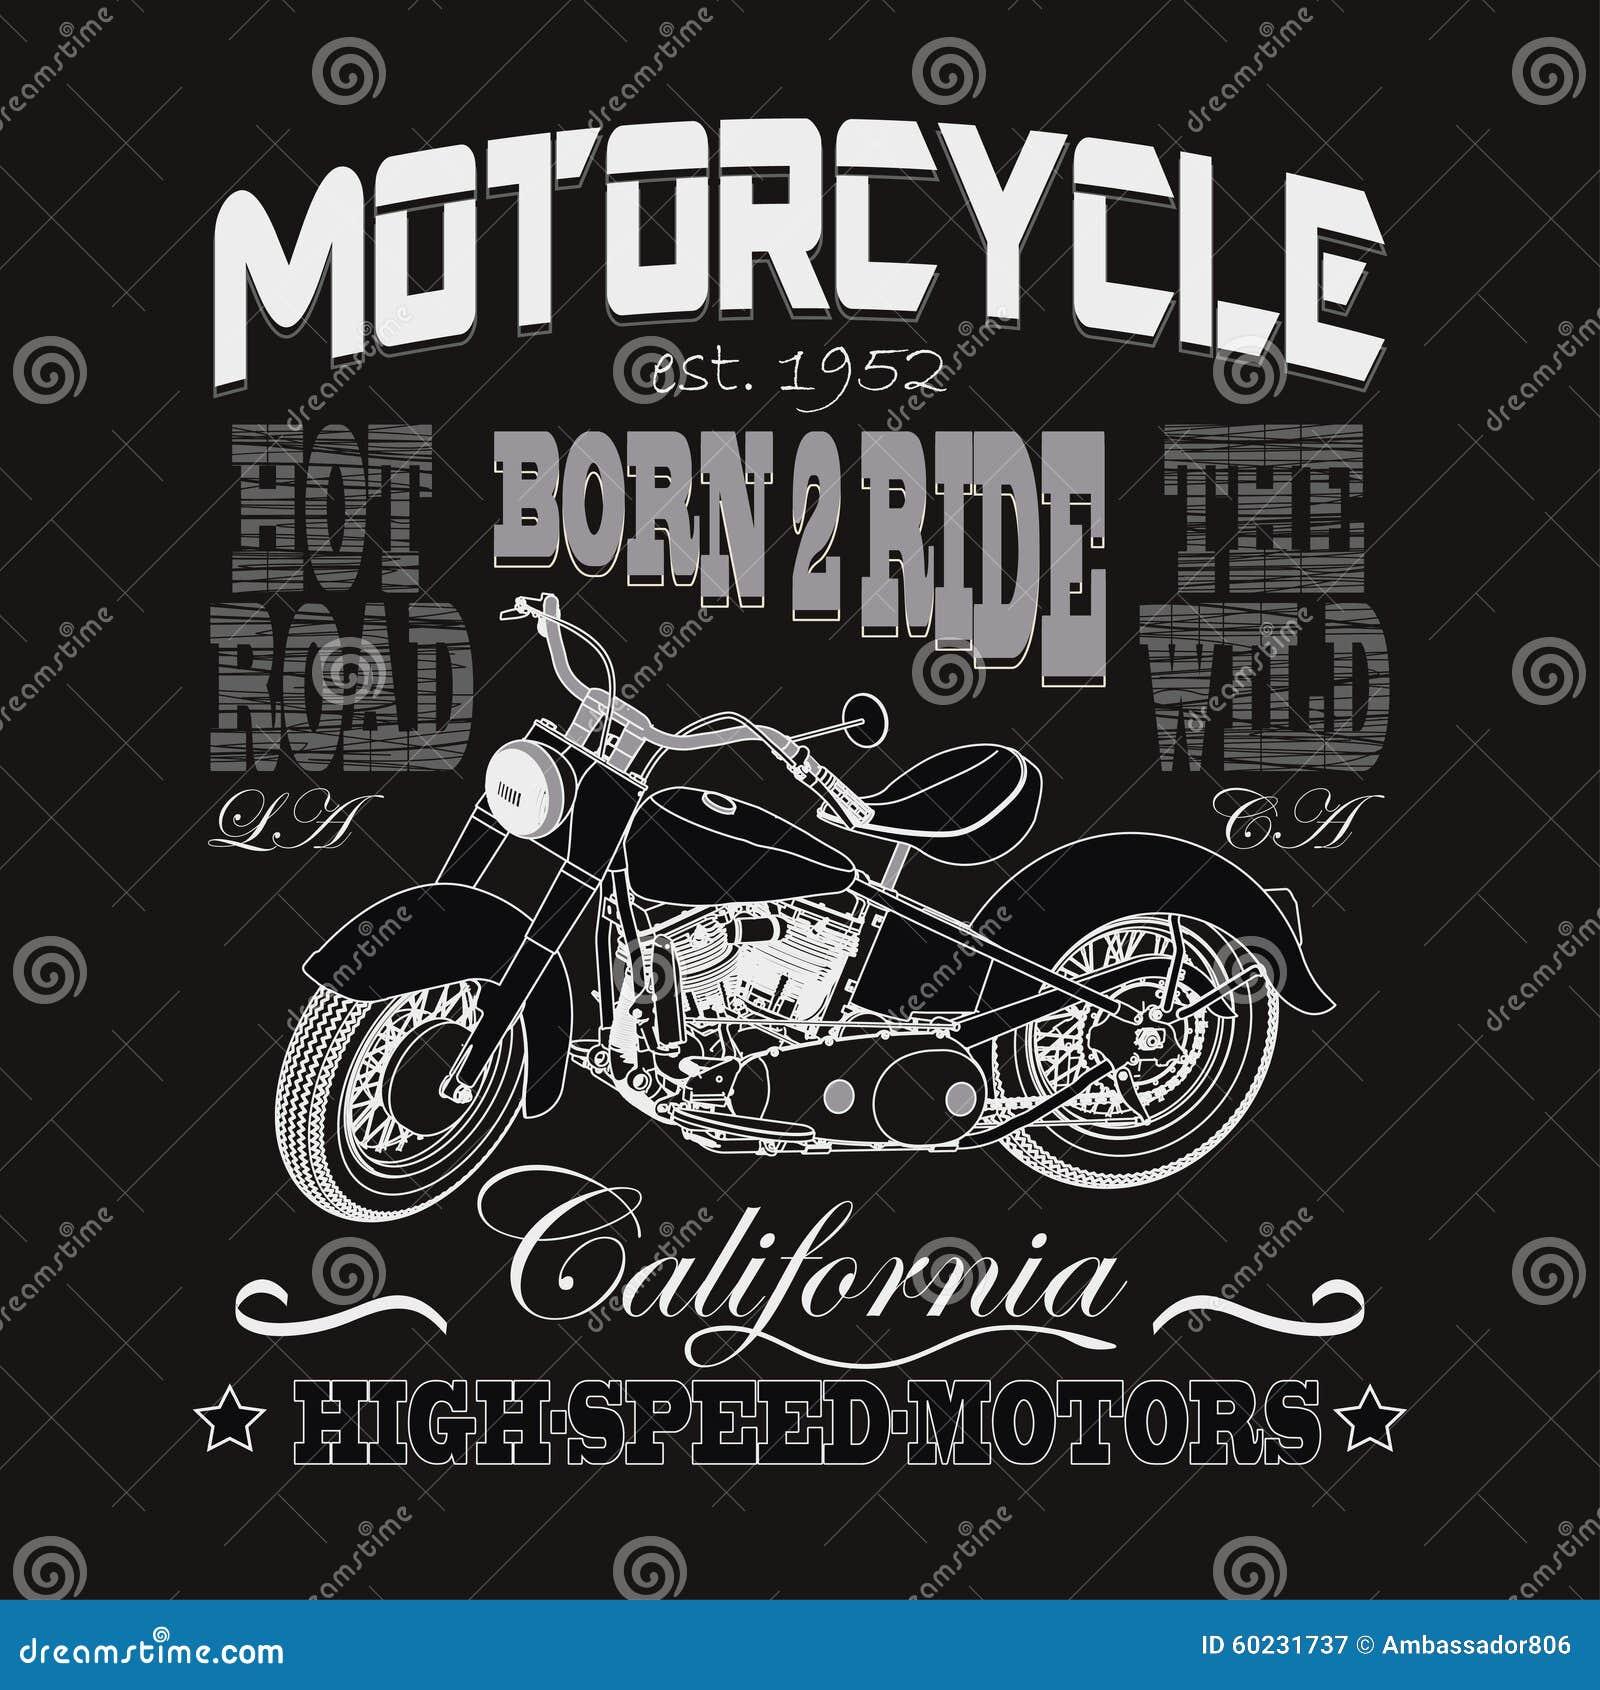 Motocykl Bieżna typografia, Kalifornia silniki